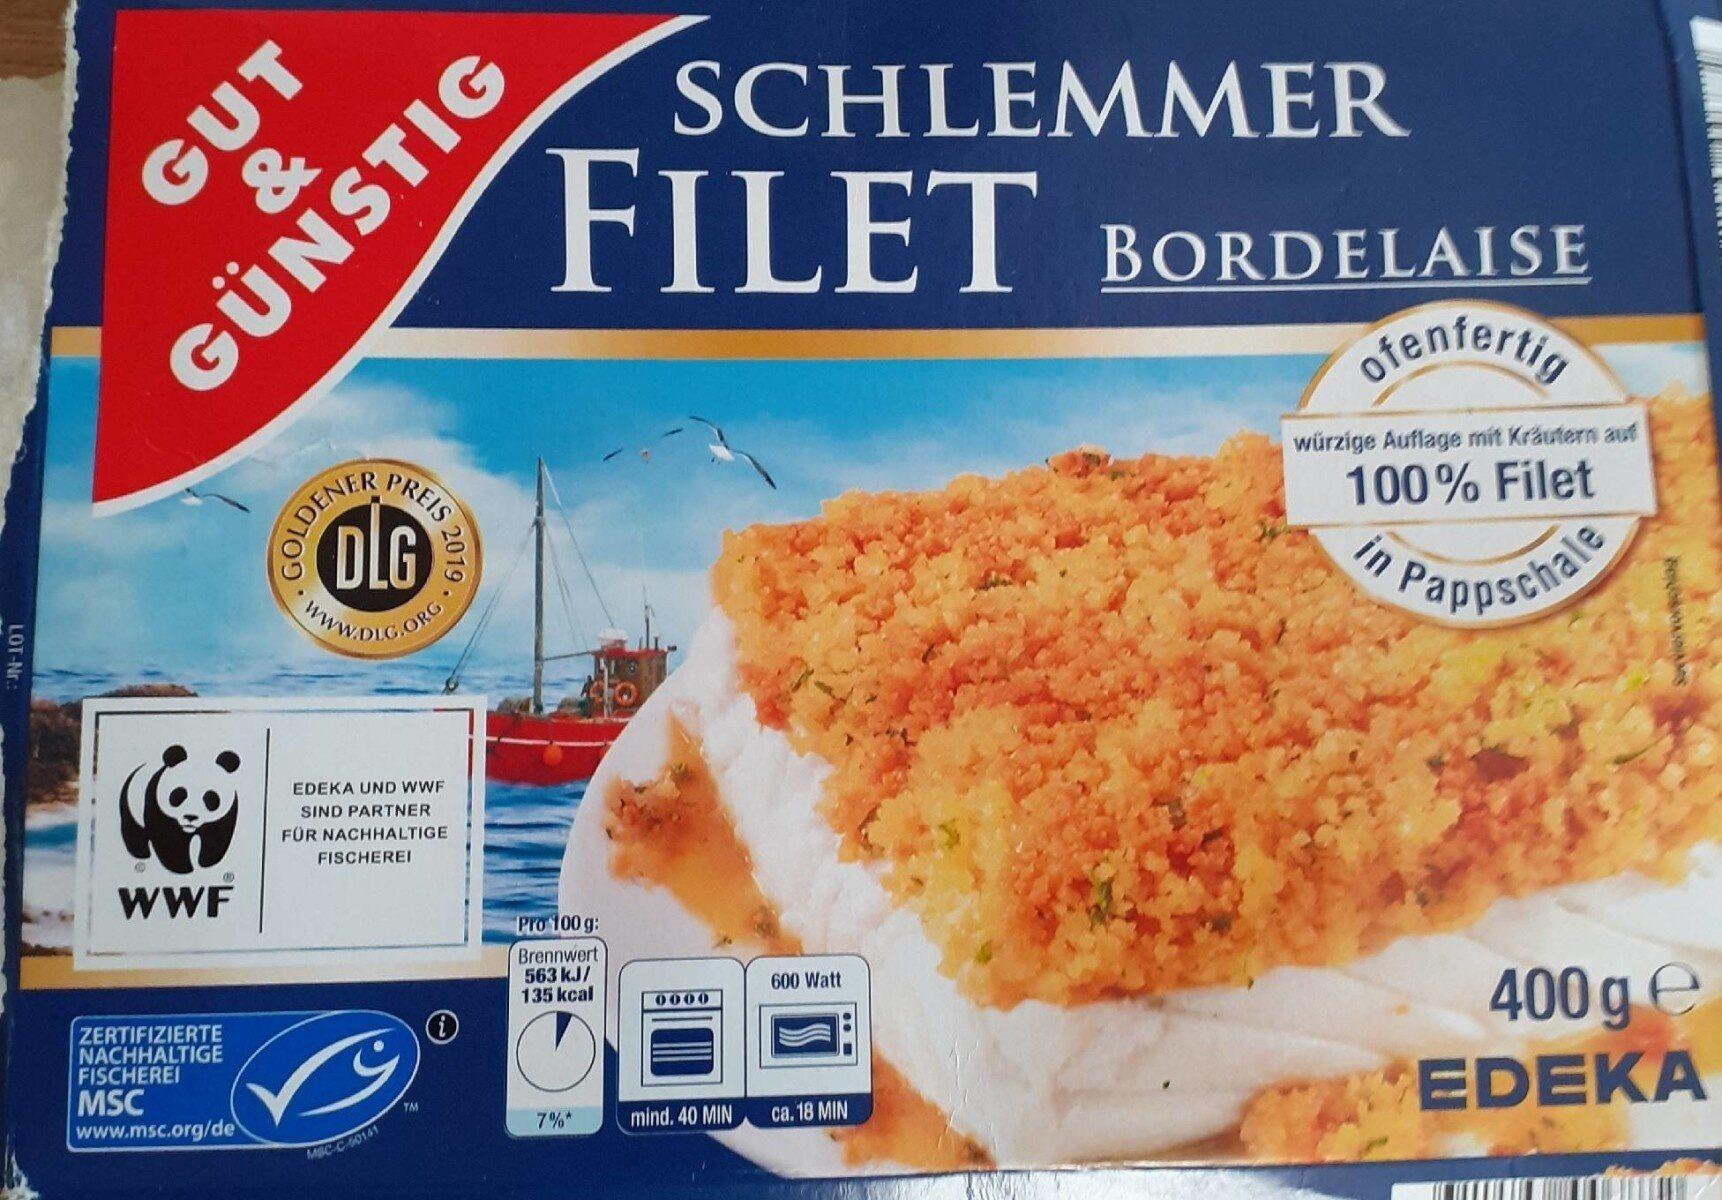 Schlemmer Filet, Bordelaise - Product - de